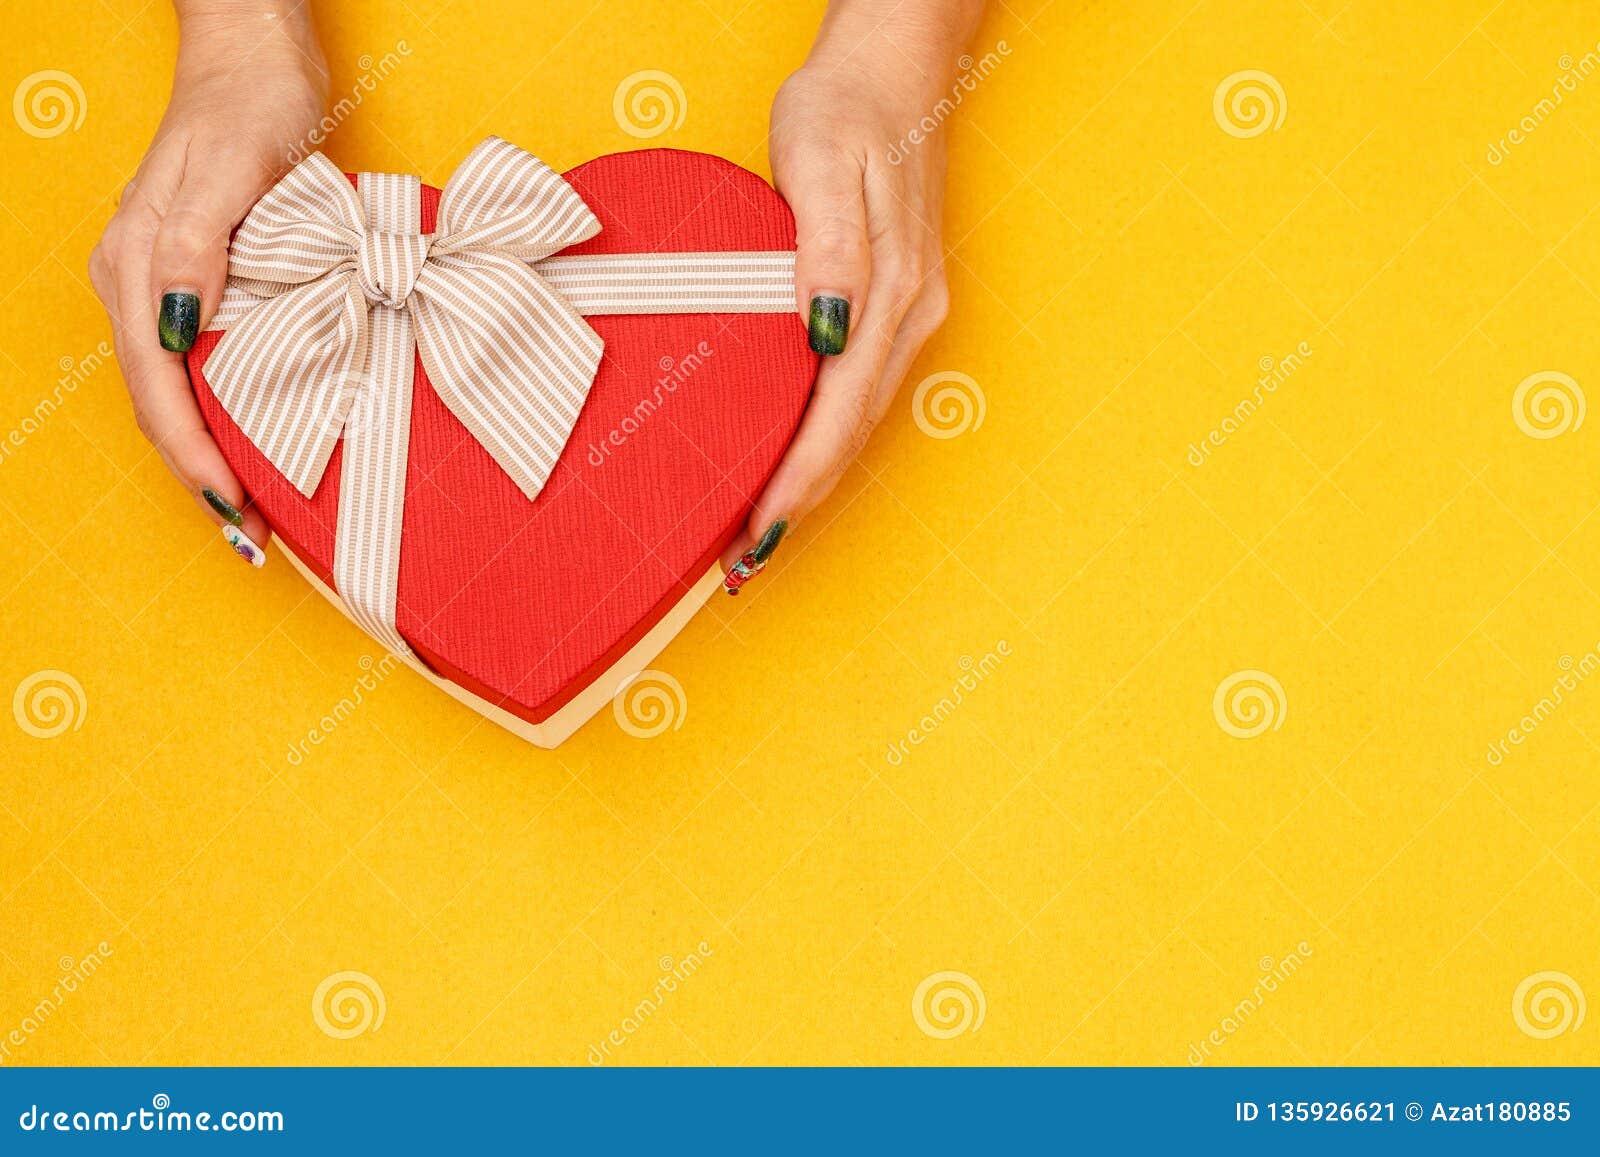 有一条丝带的礼物盒在女性手上 概念适用于爱情故事、生日和瓦伦蒂